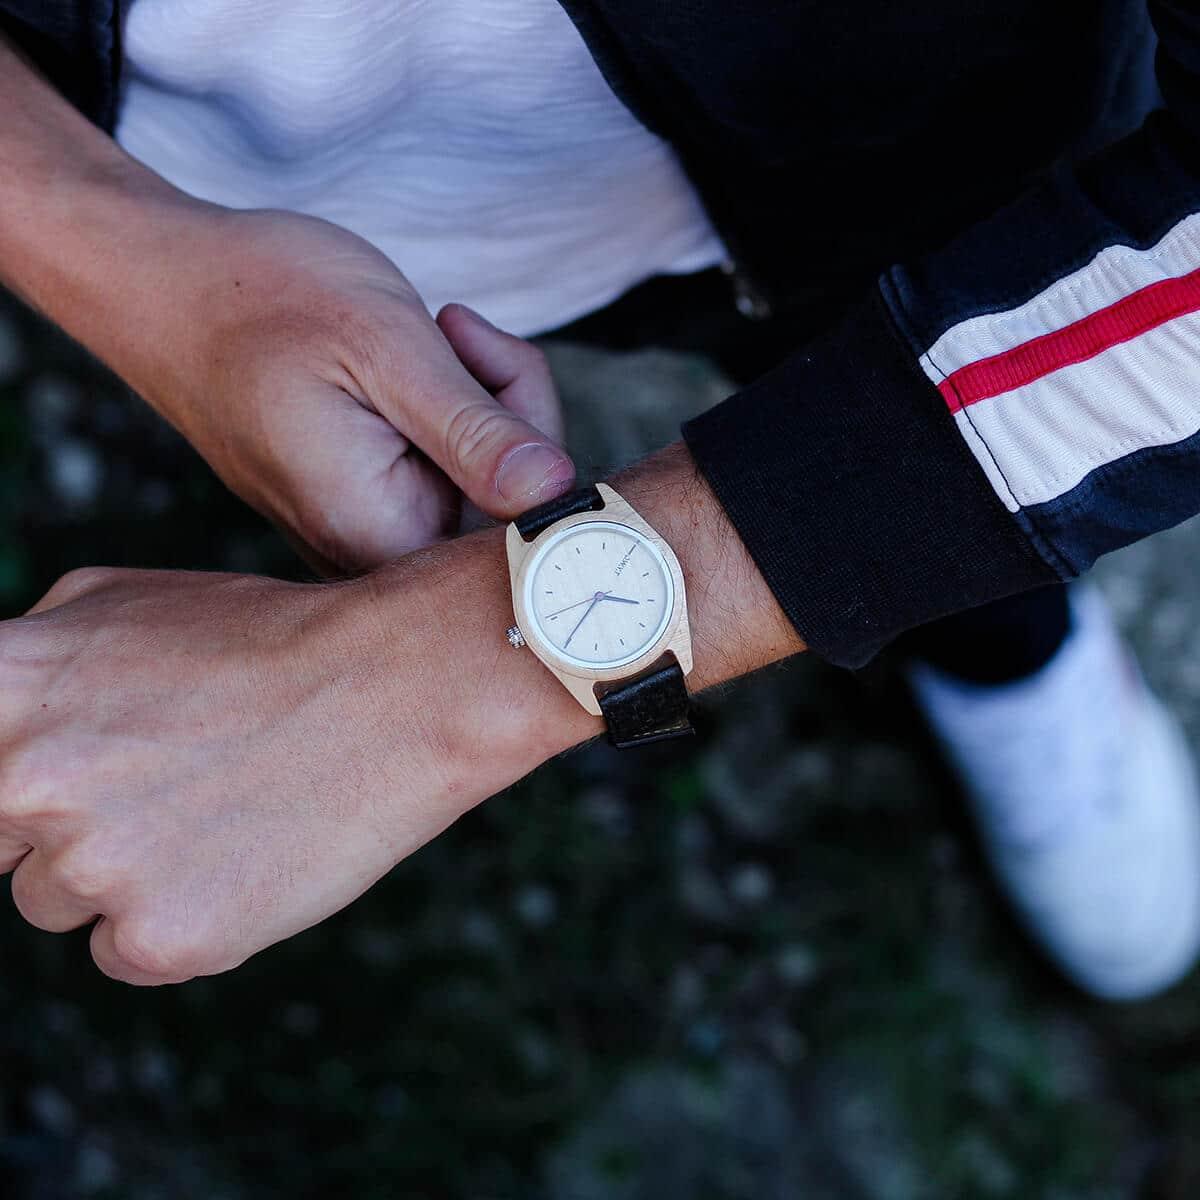 Montre en bois Toundra sur bracelet en cuir